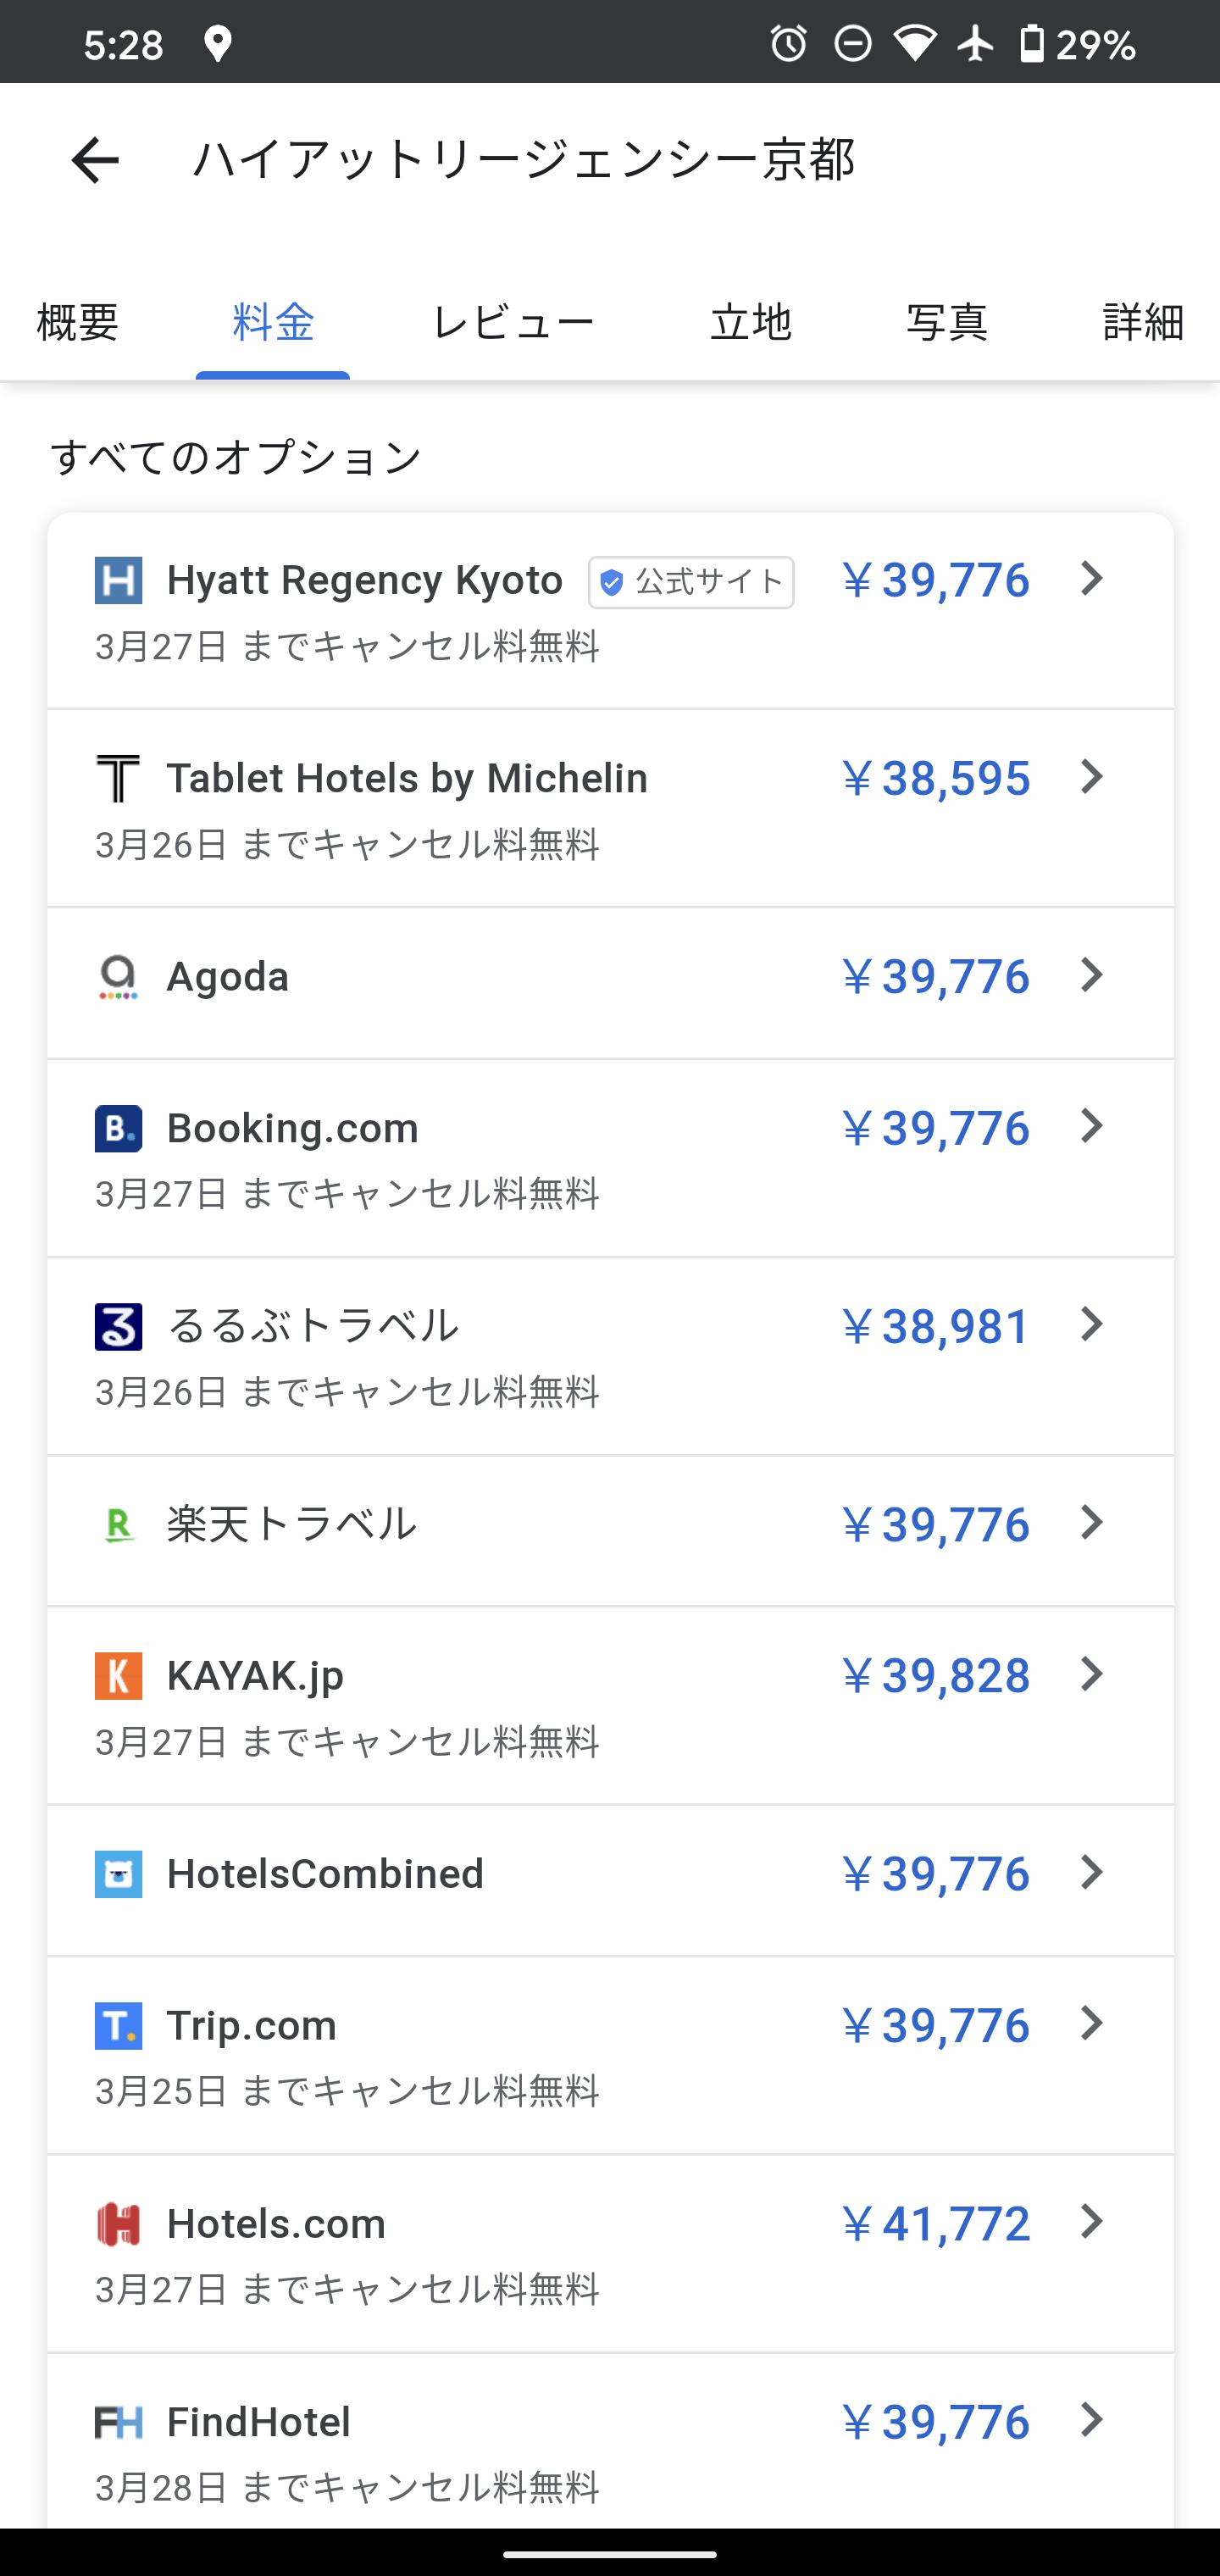 ホテル検索結果